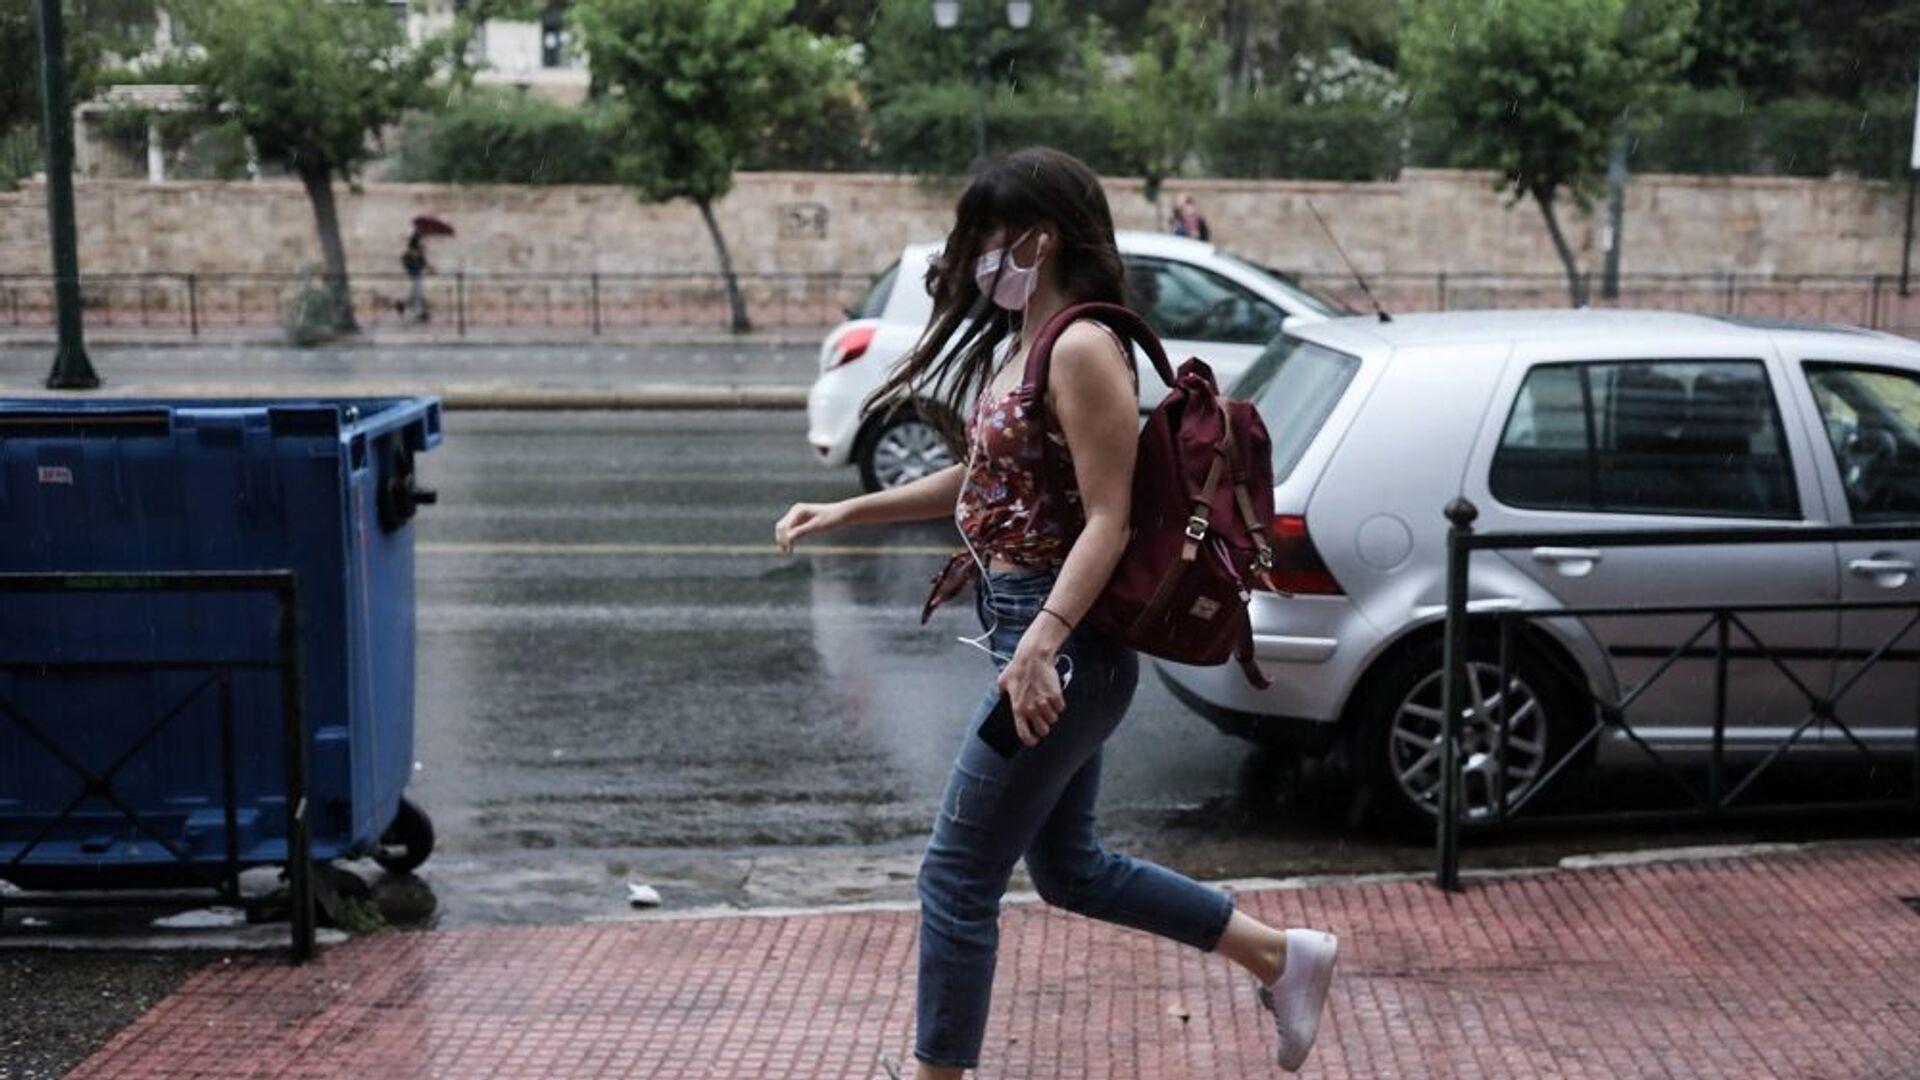 Βροχή στο κέντρο της Αθήνας, Ιούνιος 2020 - Sputnik Ελλάδα, 1920, 22.09.2021